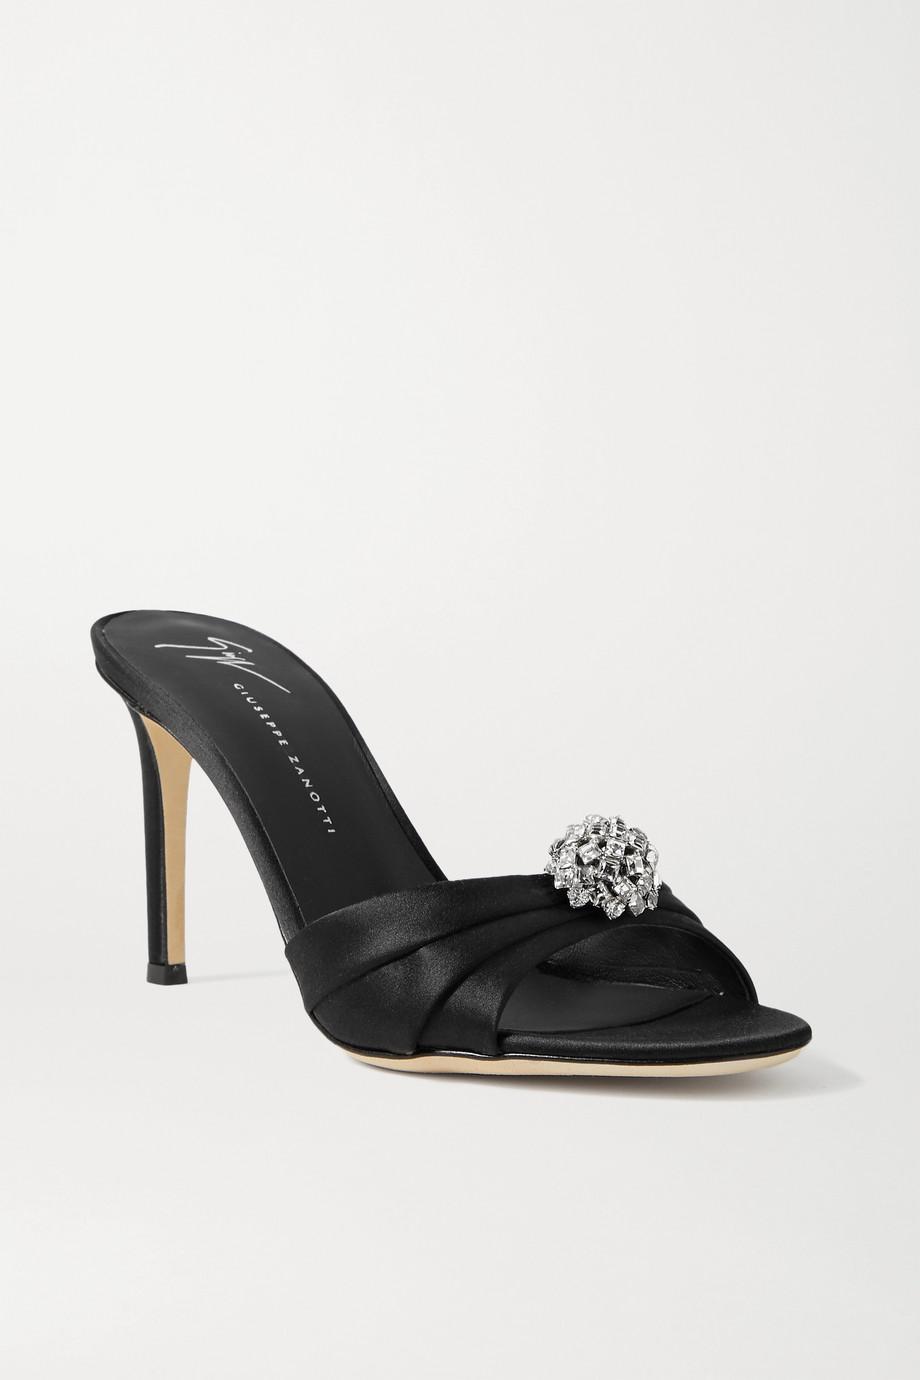 Giuseppe Zanotti Crystal-embellished satin mules